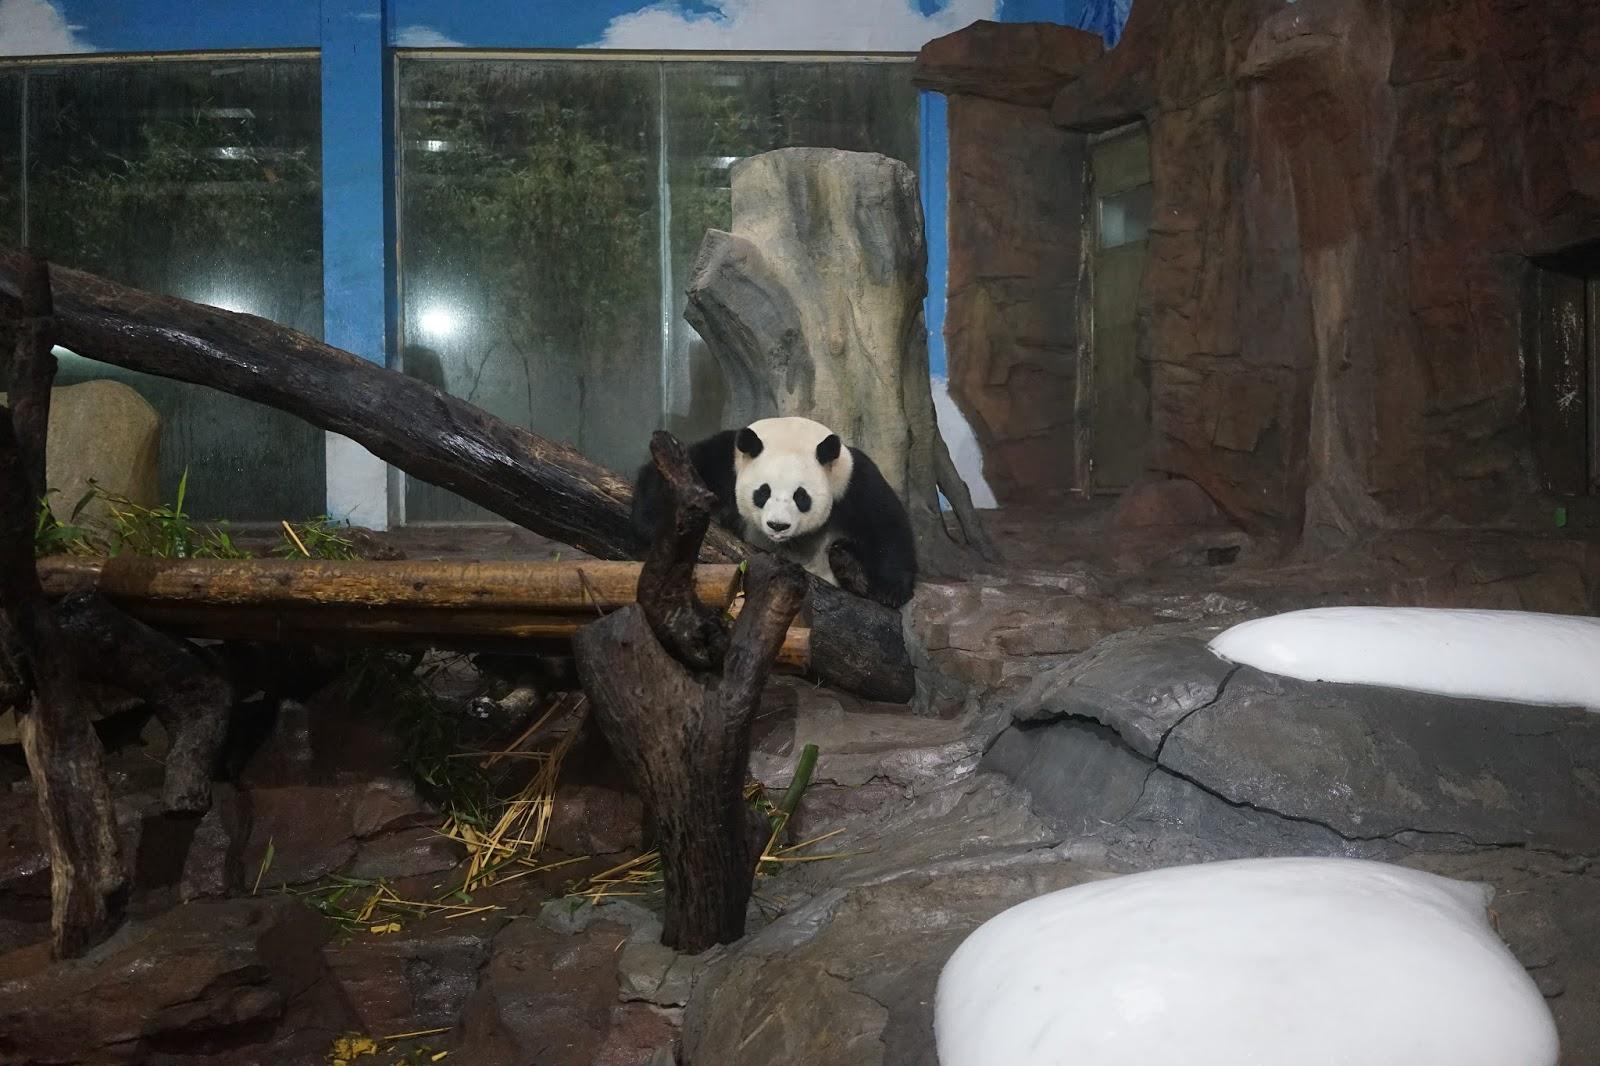 panda chimelong safari park